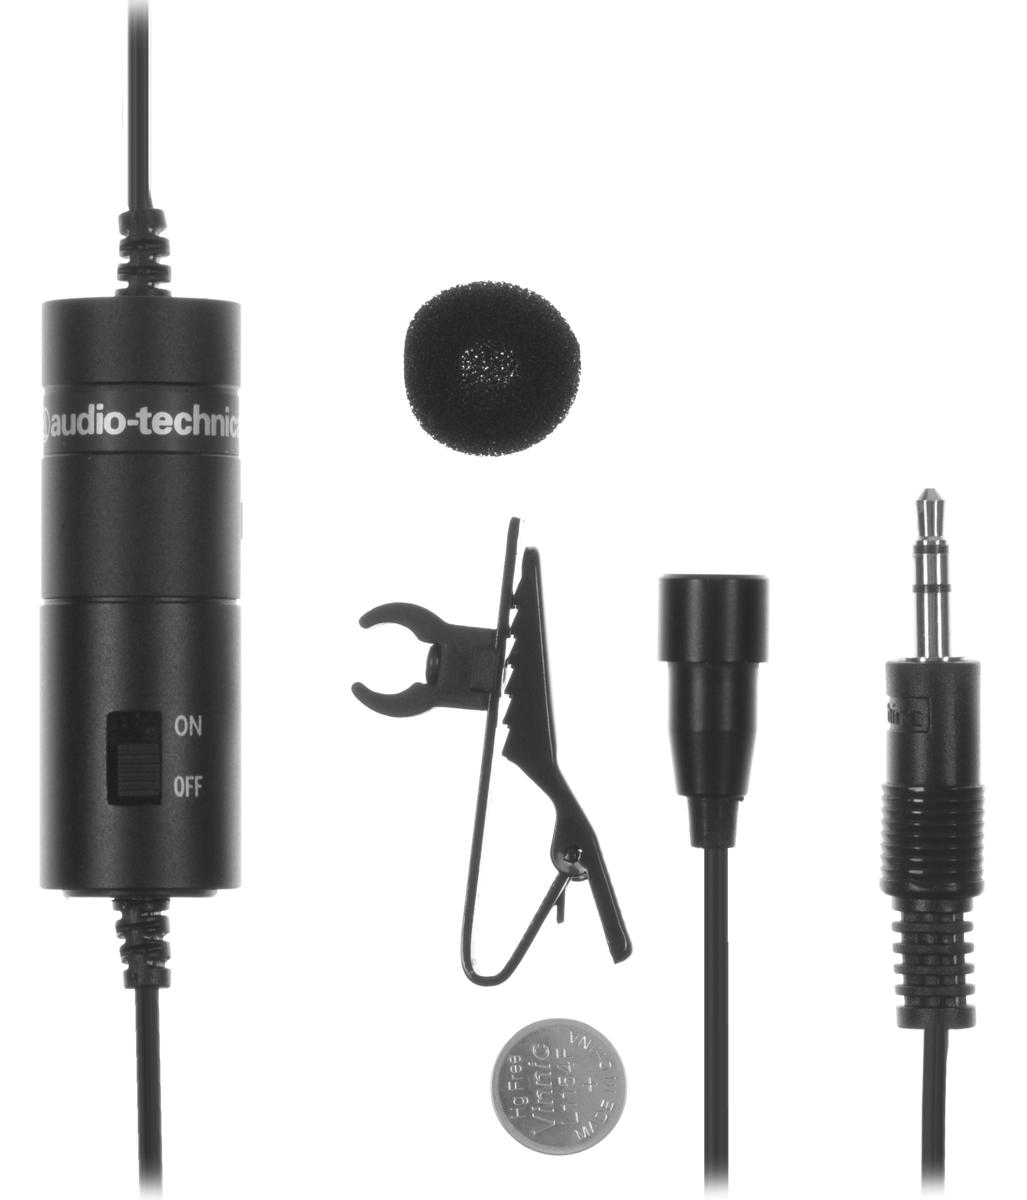 лучшая цена Микрофон Audio-Technica ATR-3350, Black